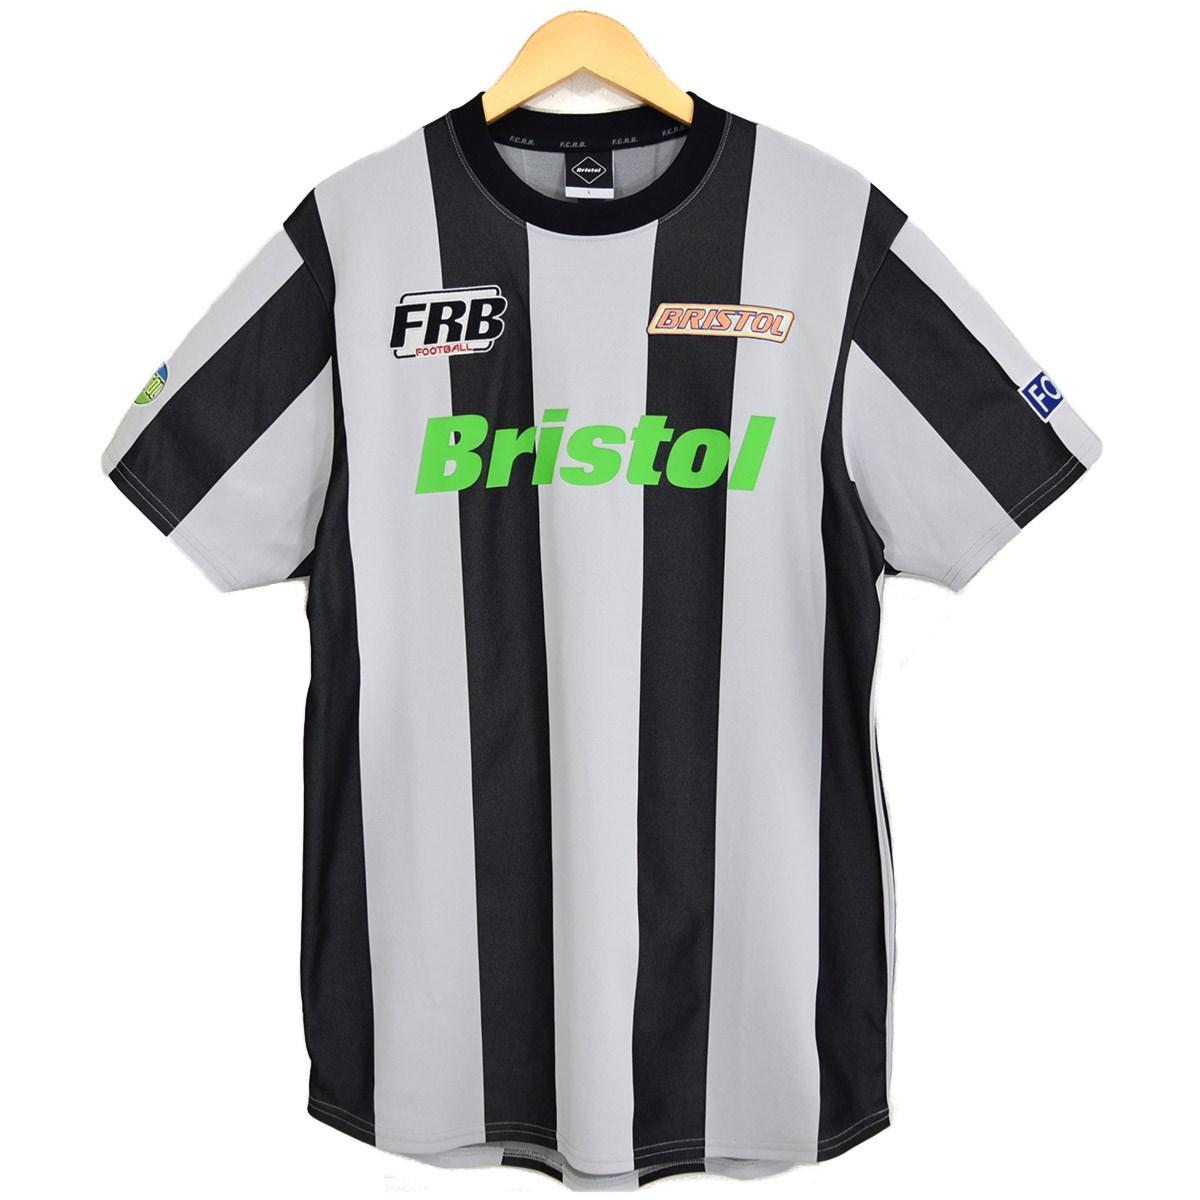 トップス, Tシャツ・カットソー FCRB STRIPE SS TRAINING TOP 2019SS FCRB-190027 L 270320